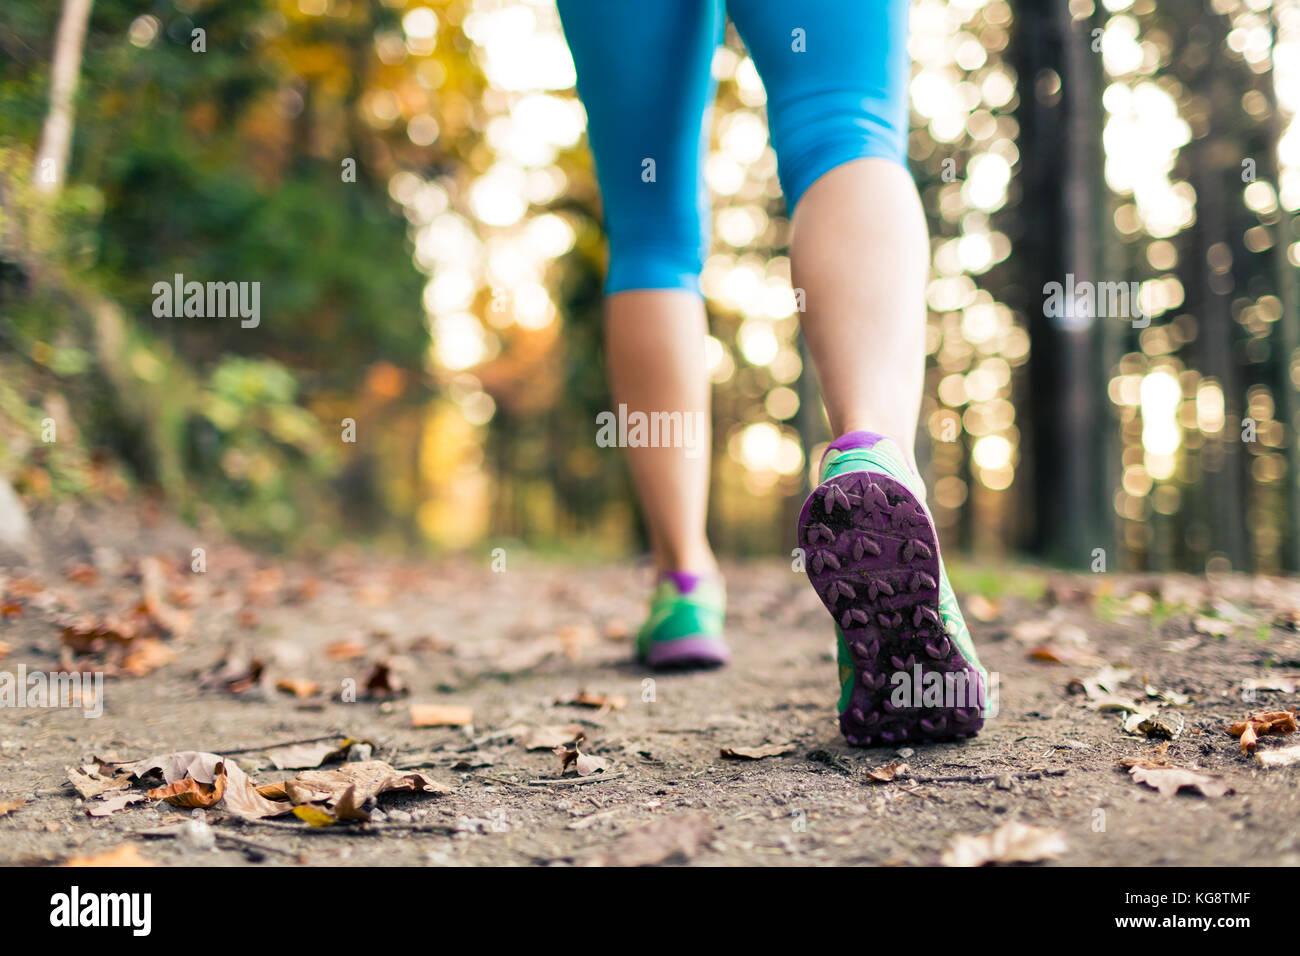 Frau Spazieren und Wandern im Herbst Wald, Sport Schuhe. Joggen, Wandern oder Ausbildung außerhalb im Herbst Stockbild